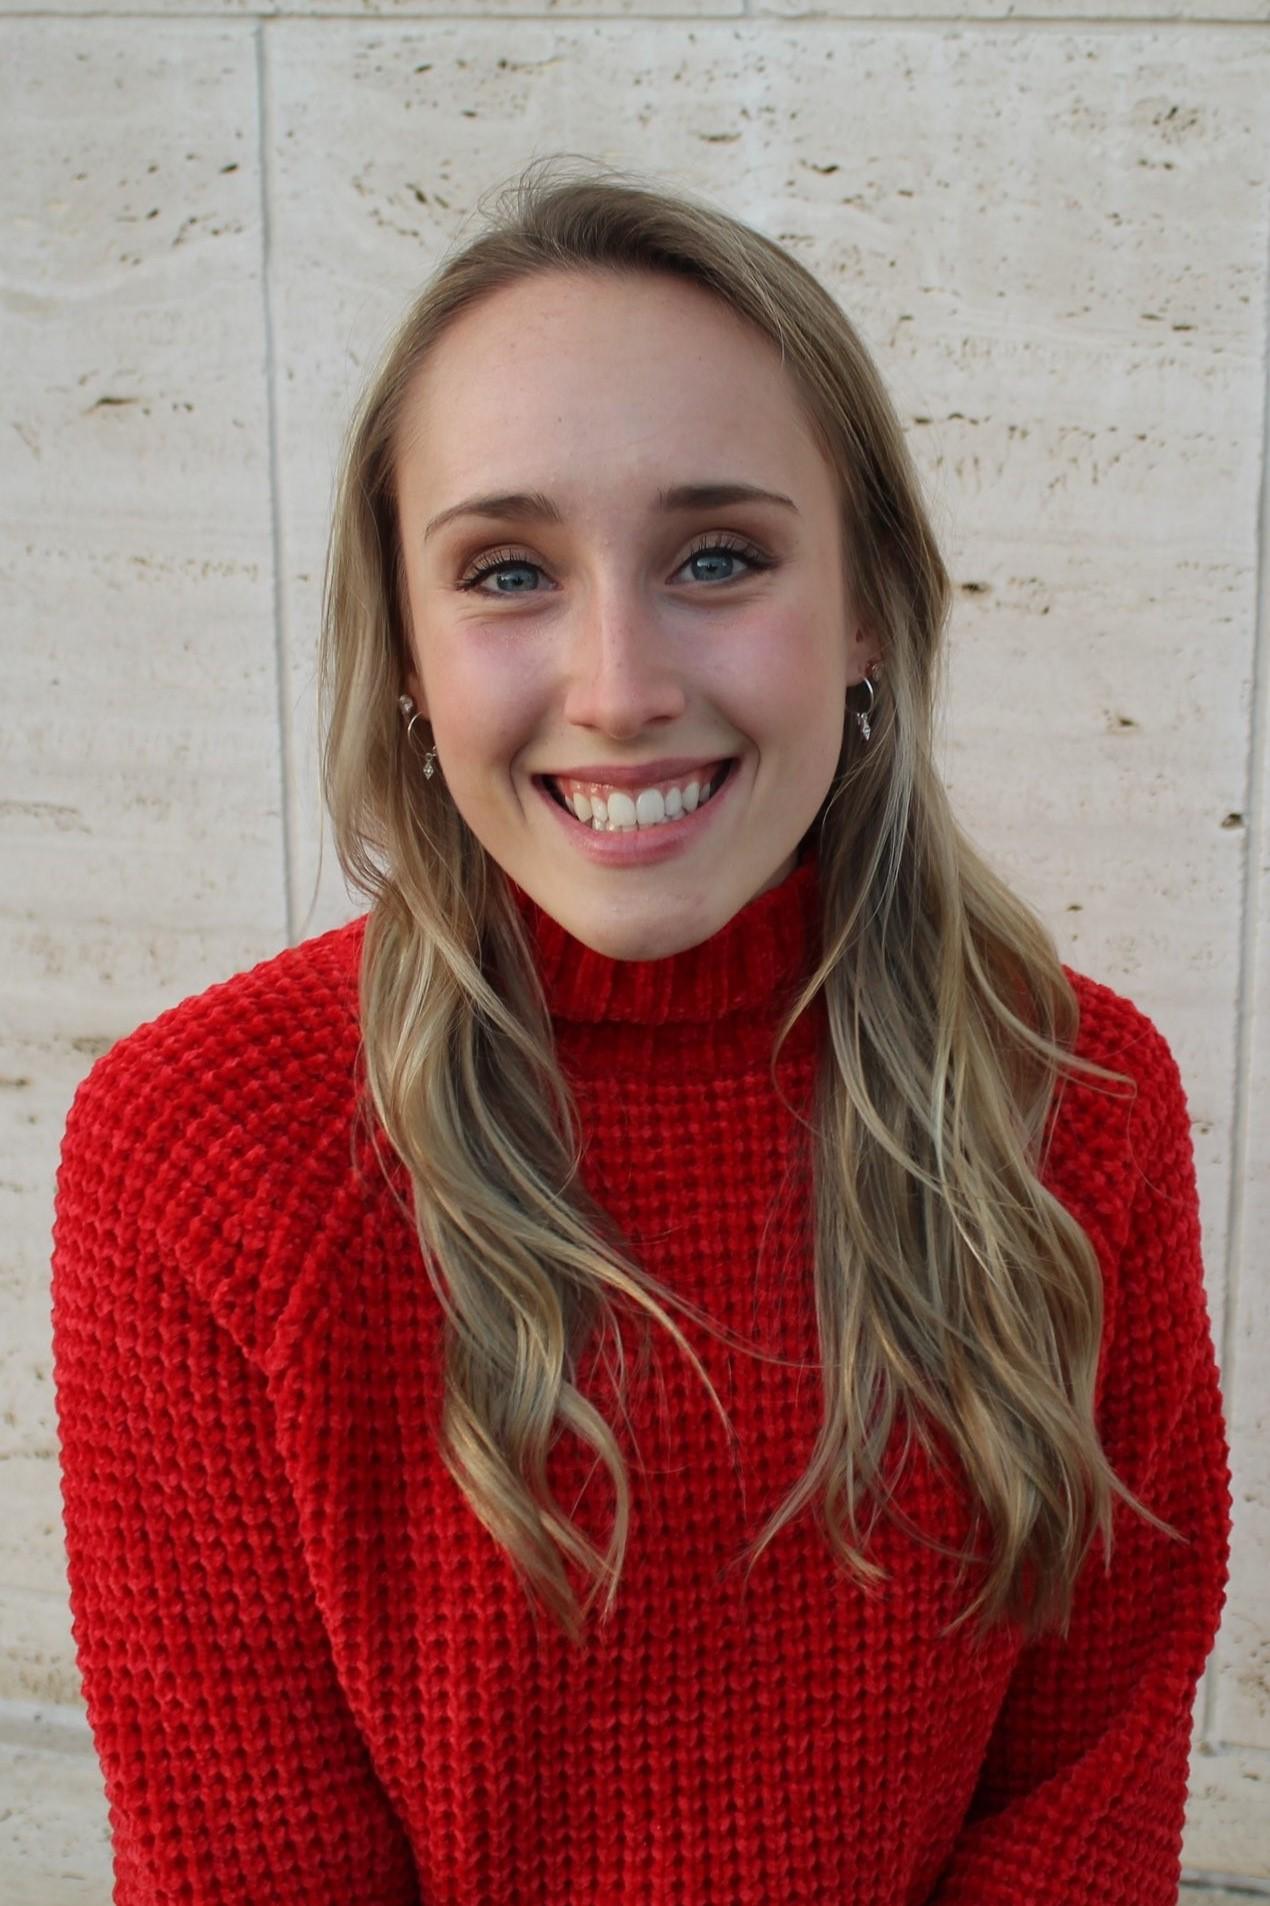 Evie Barnett